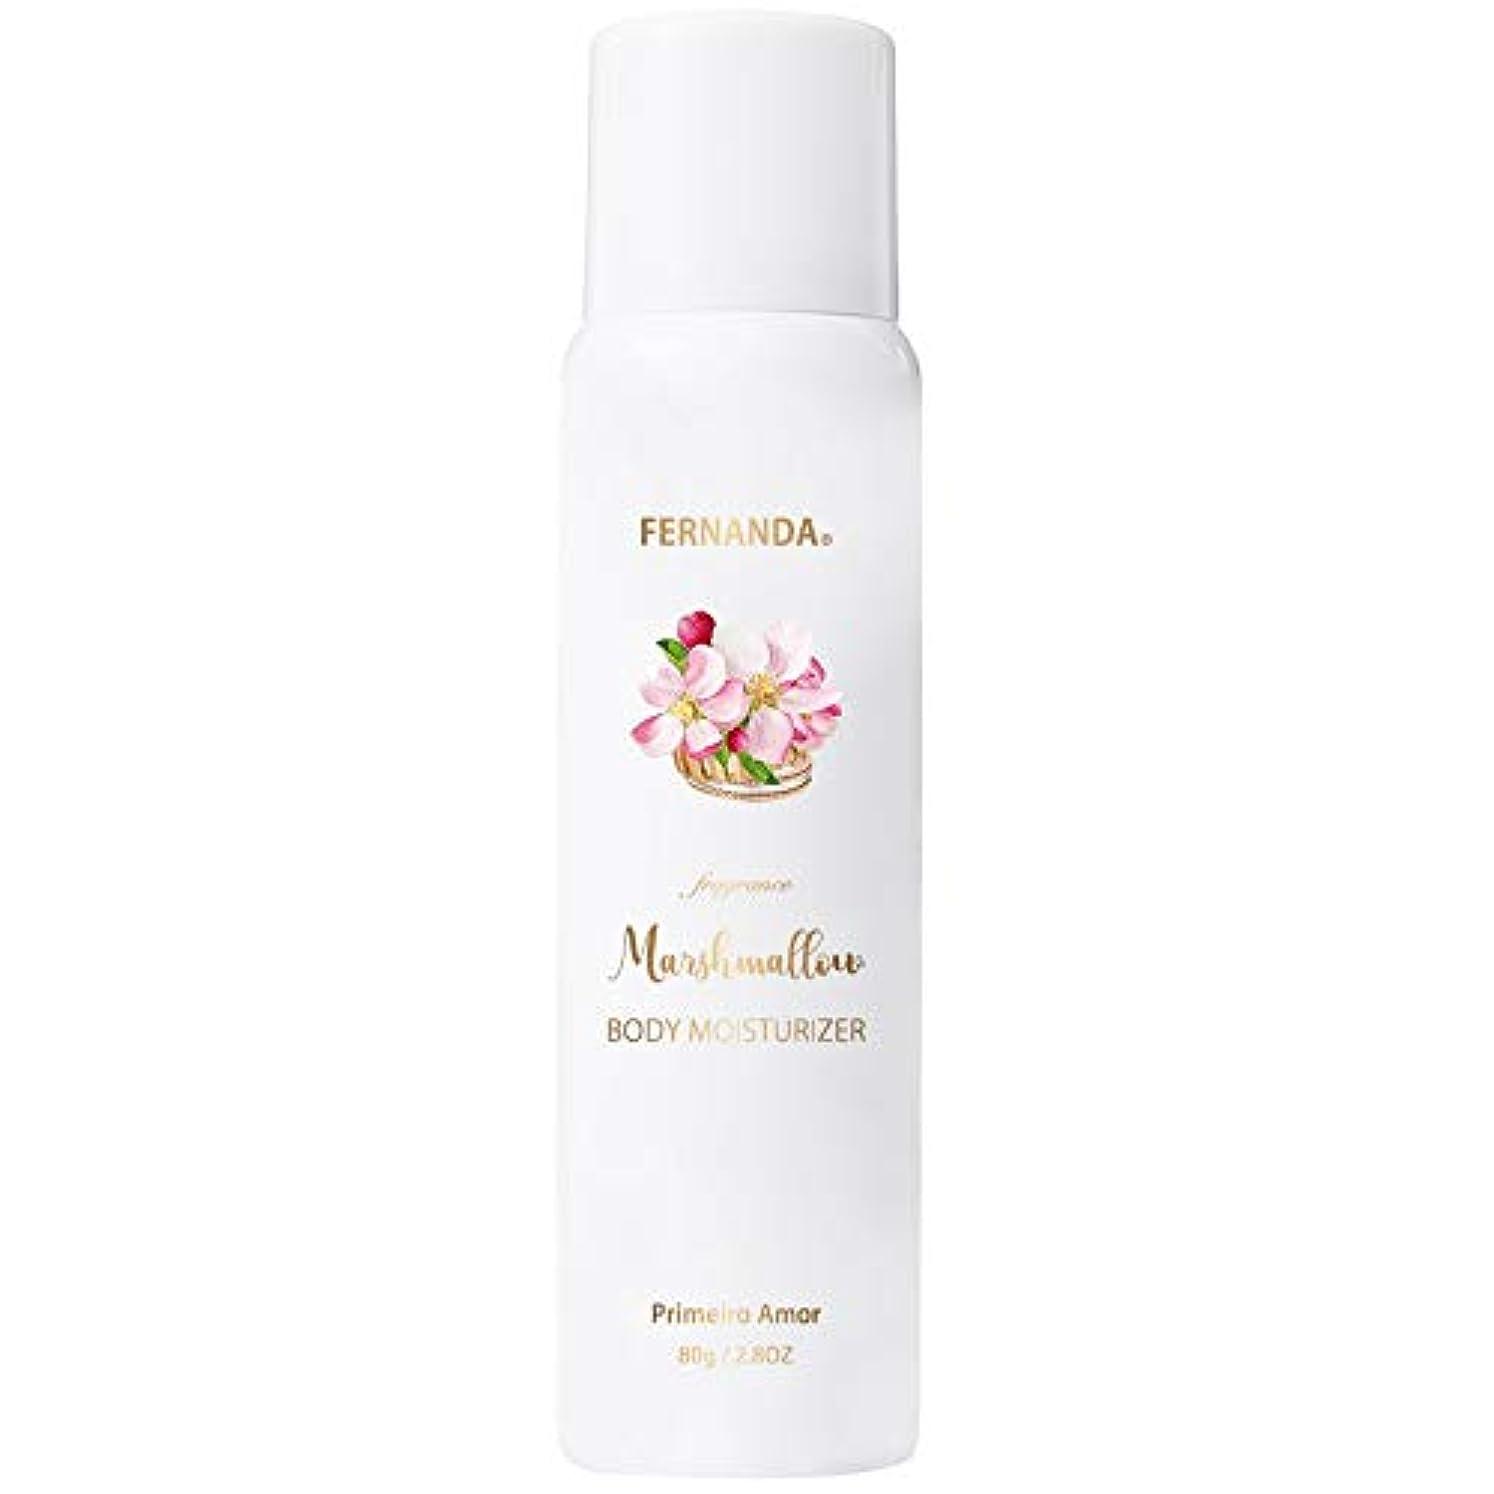 レオナルドダ想像力豊かないとこFERNANDA(フェルナンダ) Marshmallow Body Moisturizer Primeiro Amor (マシュマロ ボディ モイスチャライザー プリメイロアモール)